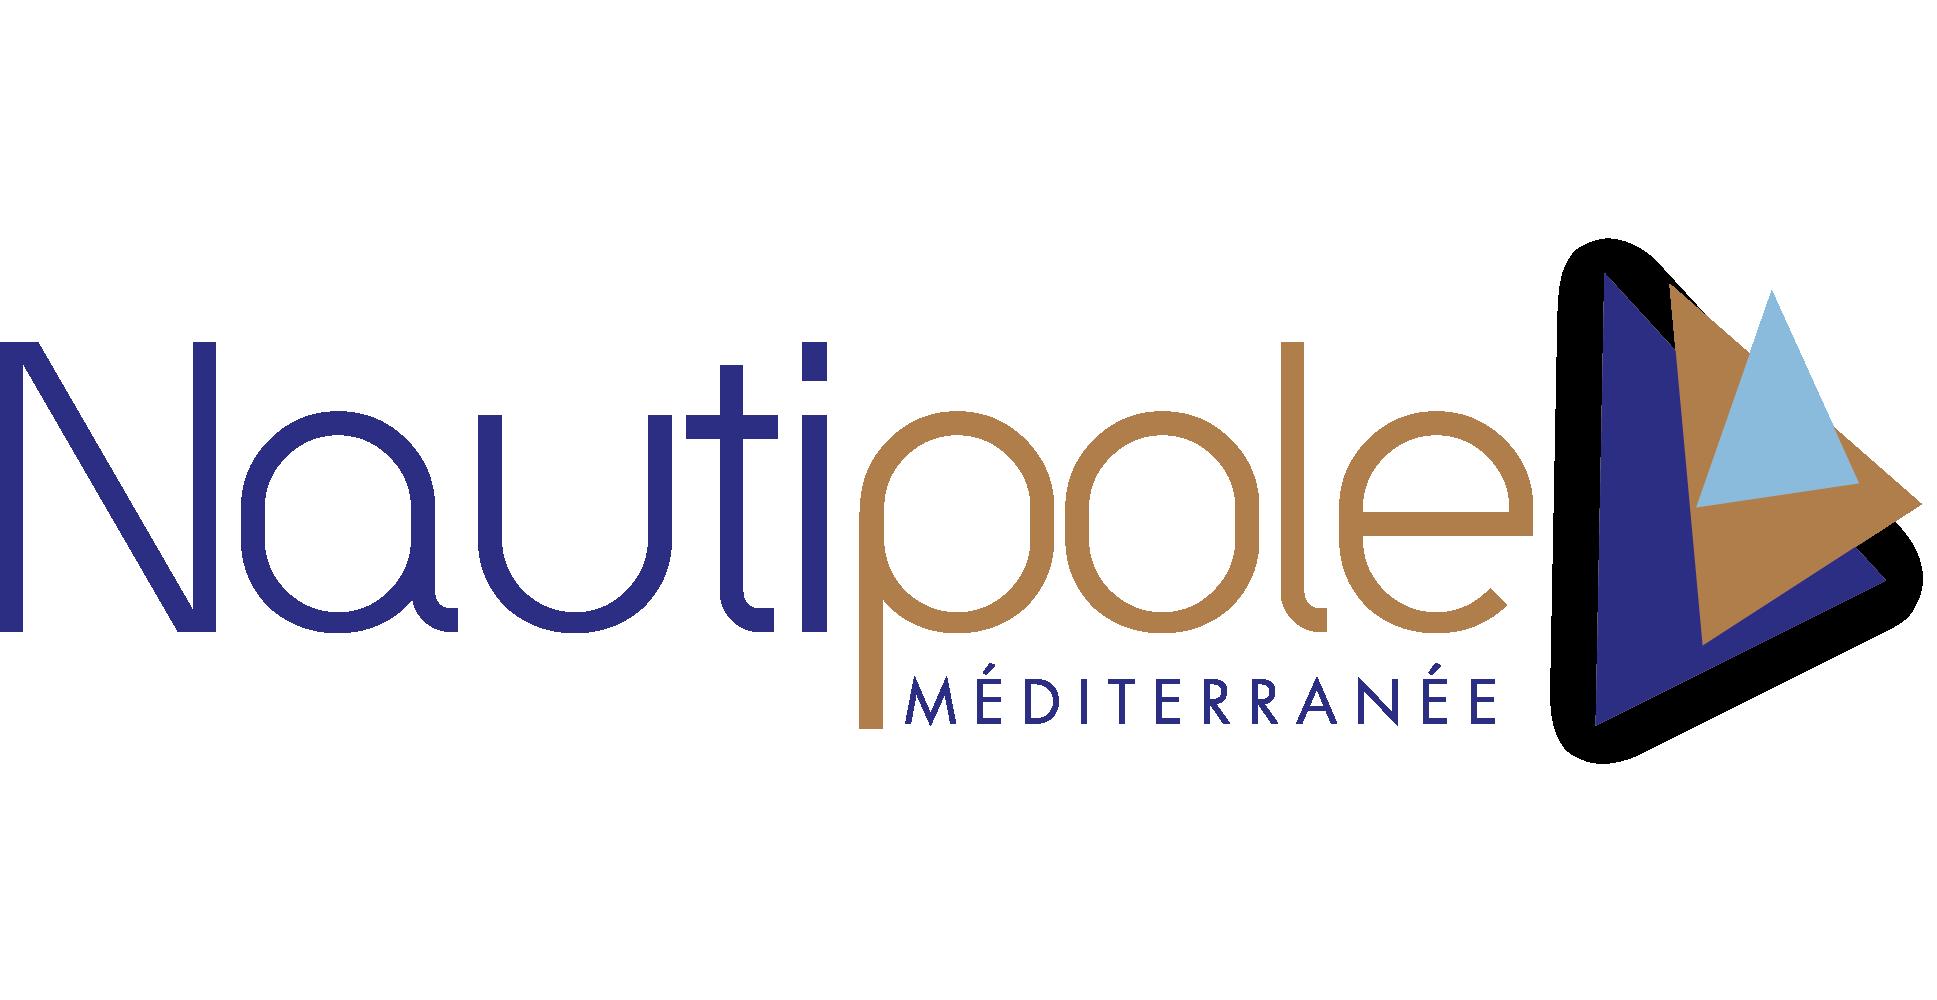 1Nautipole Méditerranée